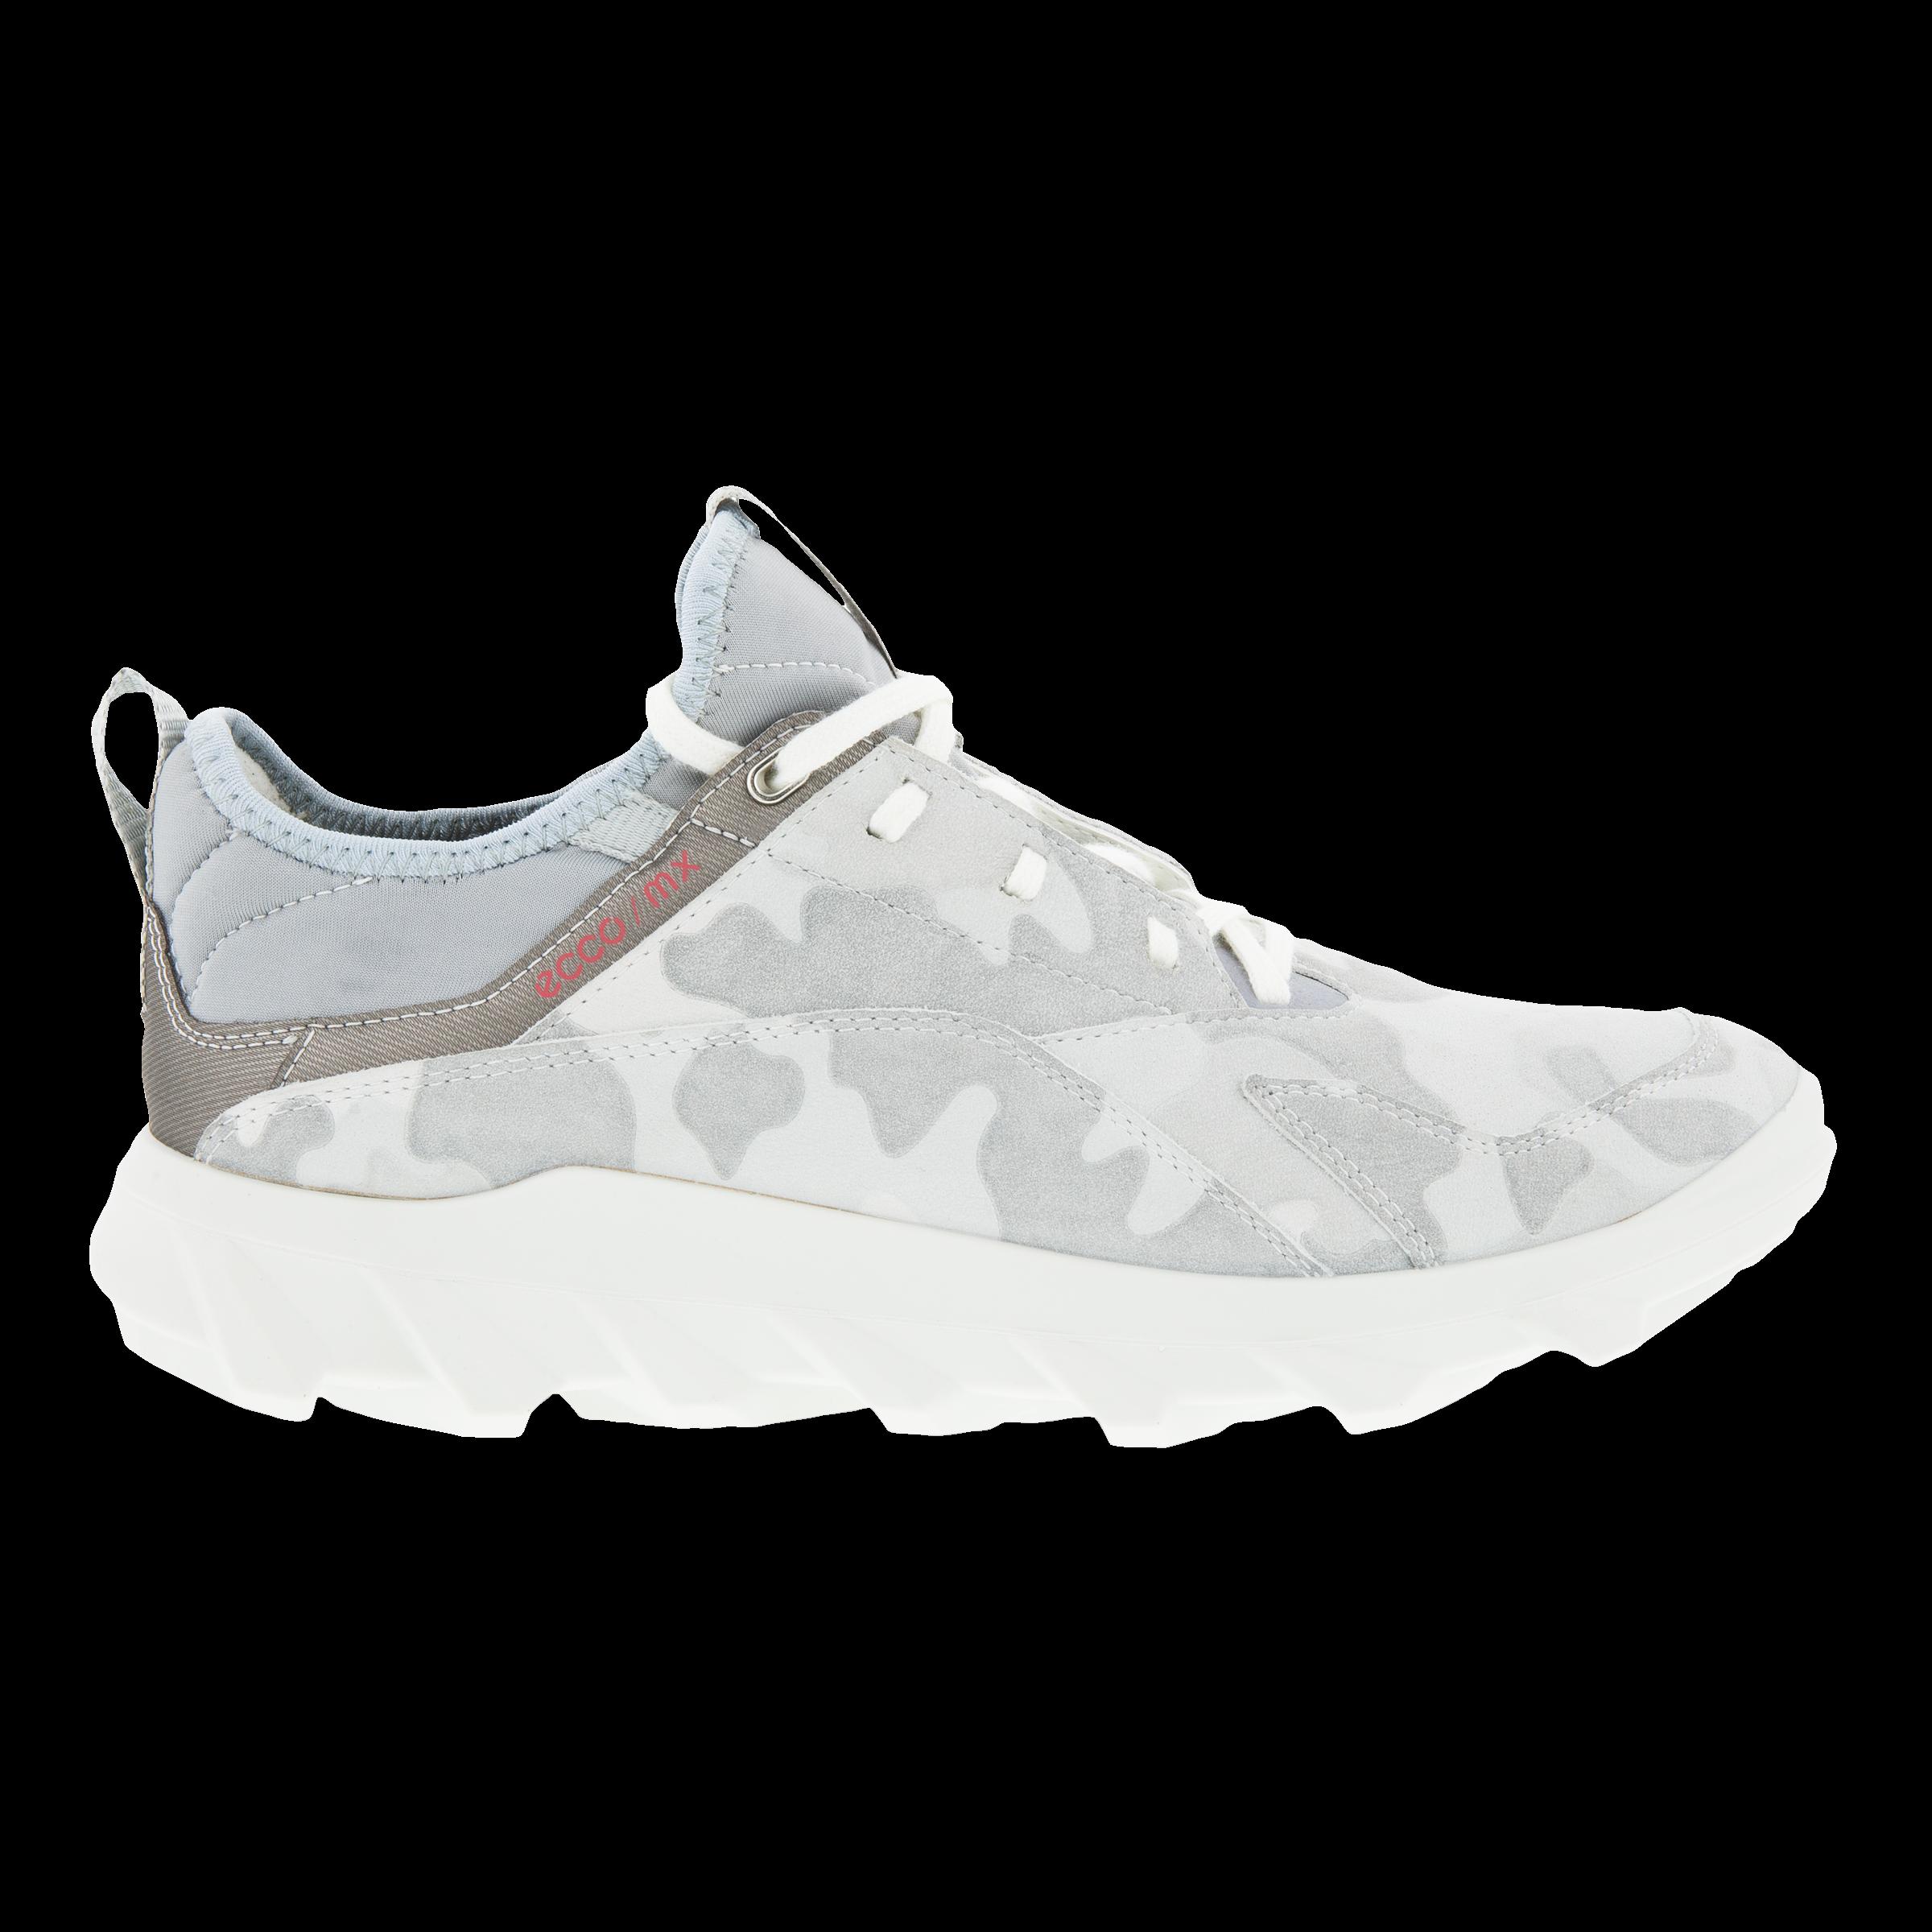 에코 MX 아웃도어 슈즈 ECCO MX Womens LOW Outdoor Shoes,WHITE/SILVER GREY